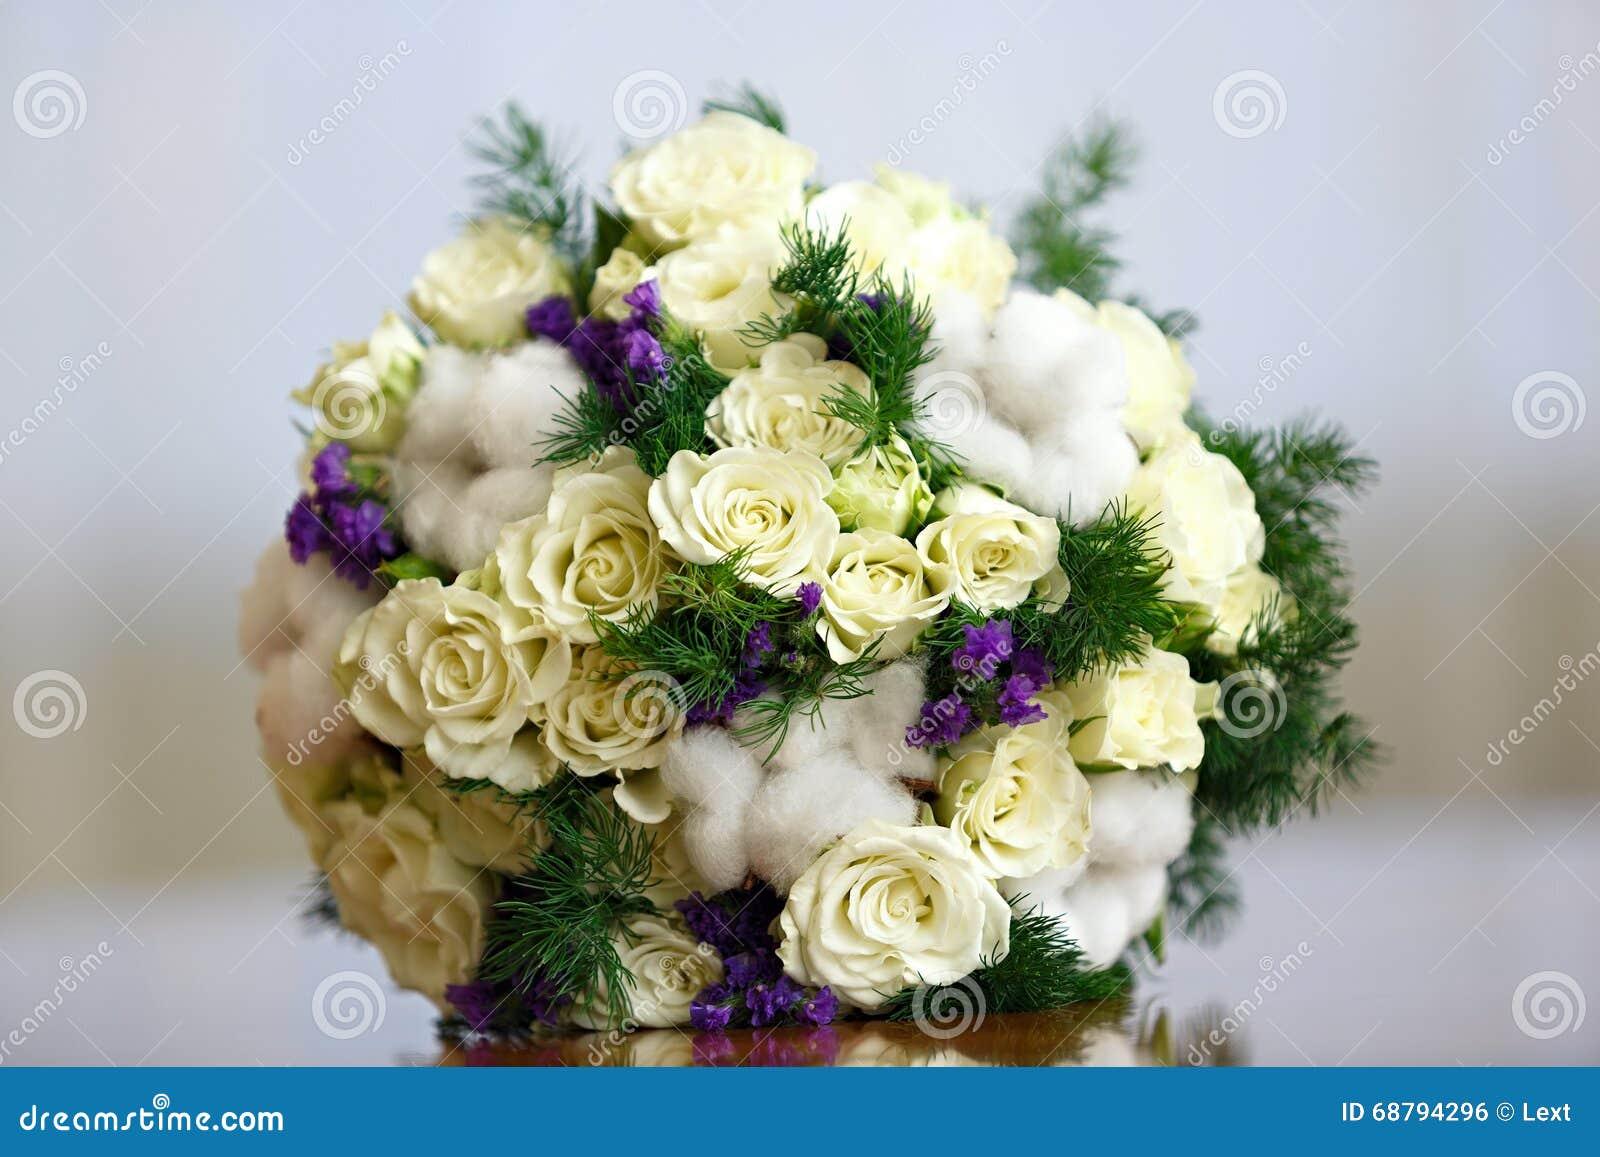 Blumenstrauss Von Blumen Fur Die Braut An Der Hochzeit Dekoration Von